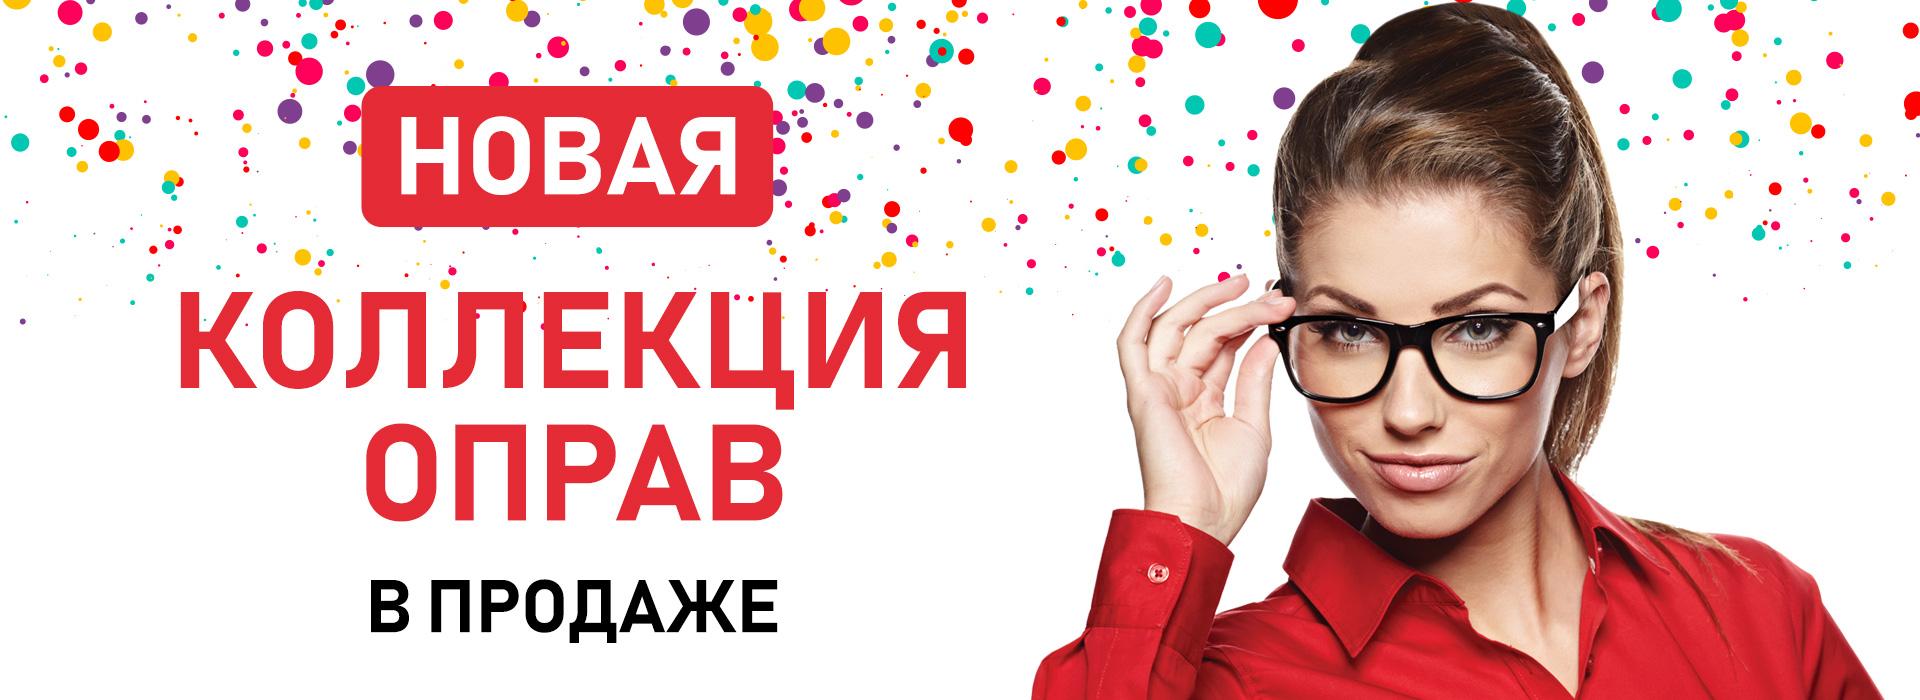 Если вы носите очки, добро пожаловать за новыми оправами, которые приготовила для жителей Чебоксар сеть салонов оптики «Линзбург»! В продаже коллекция оправ для мужских и женских очков – спешите купить модную новинку весна 2019 года.